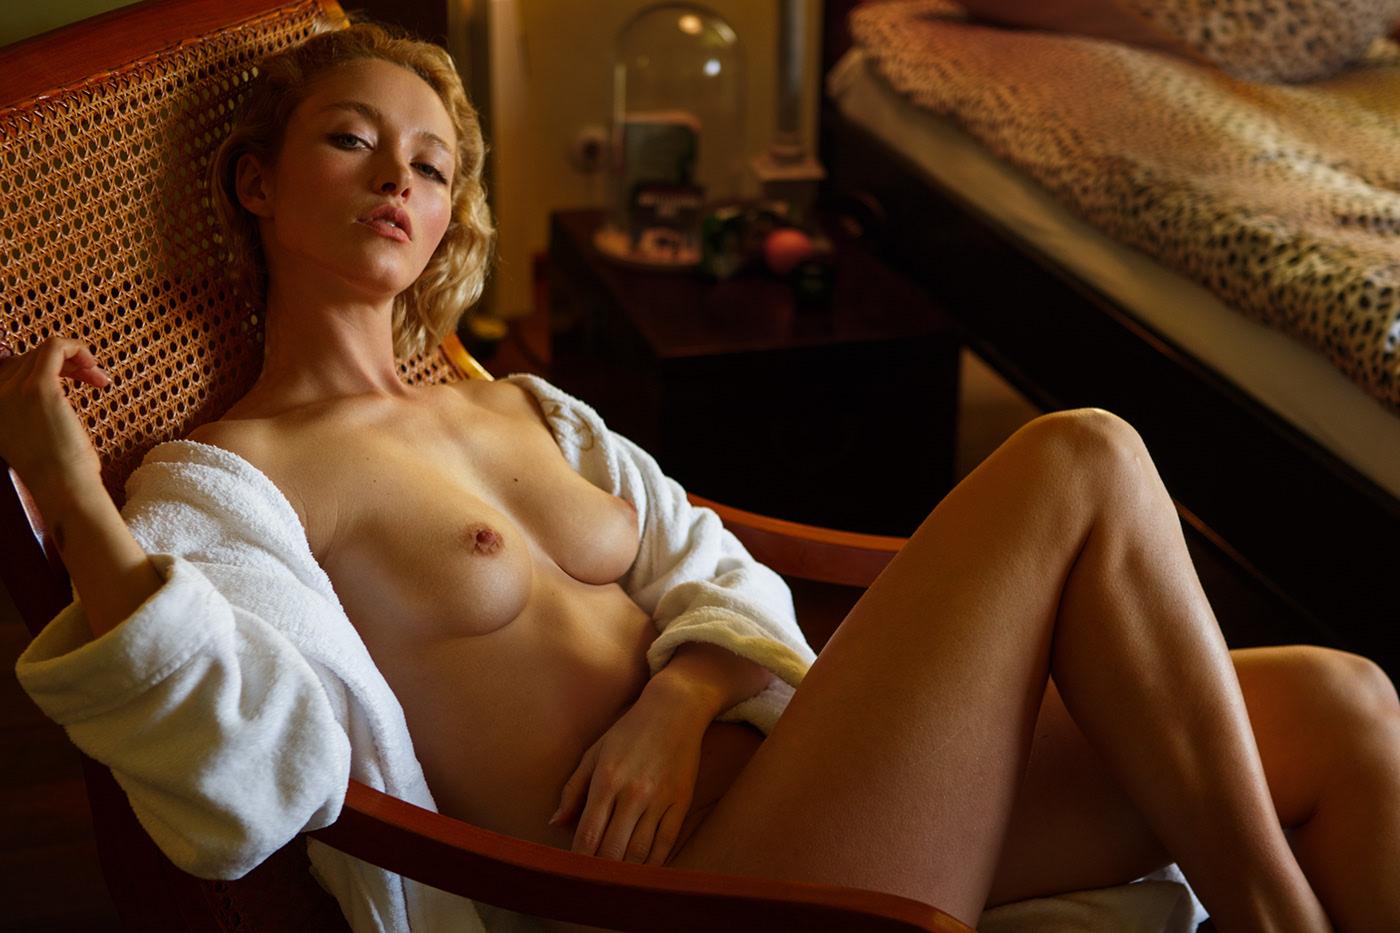 The Sorceresse Виктория Яровая / фотограф Hannes Walendy